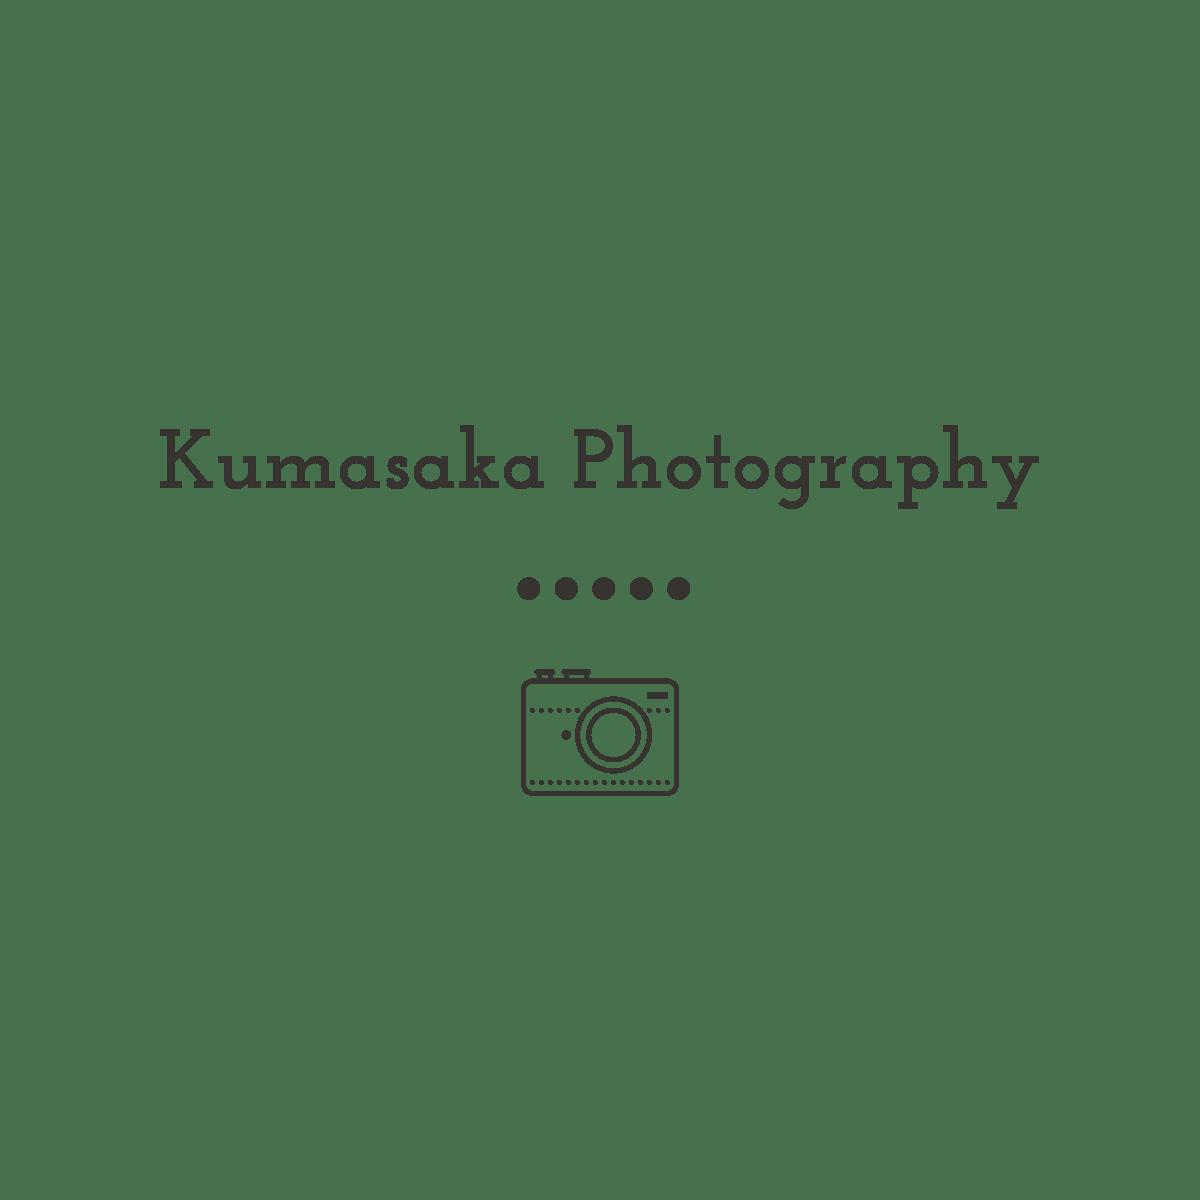 Kumasaka Photography